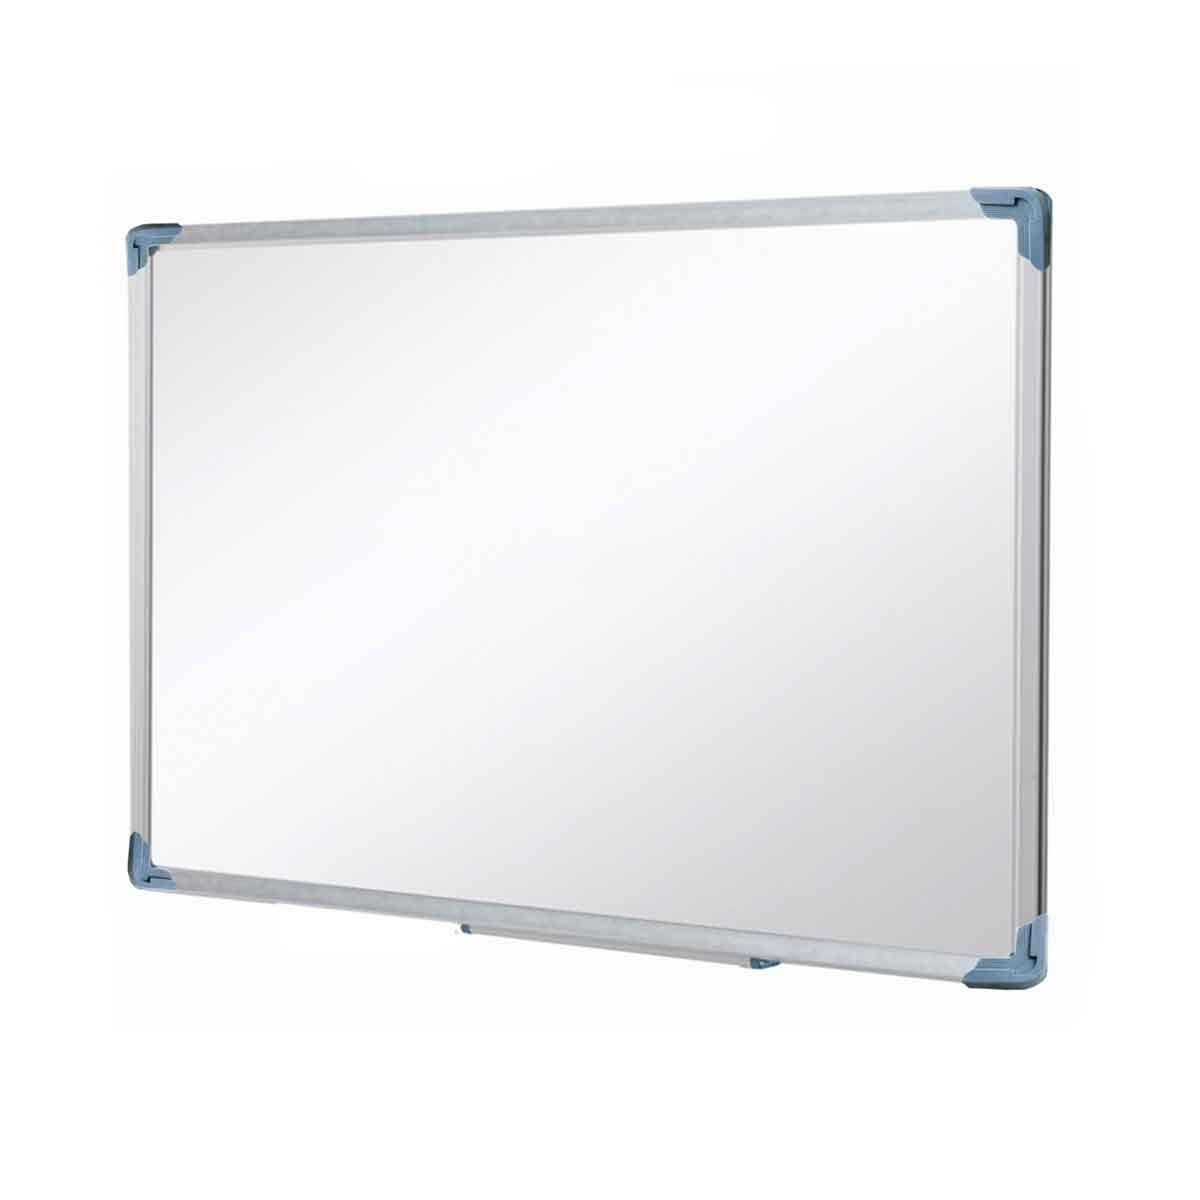 Lousa 80x60cm Quadro Branco Com Moldura De Alumínio